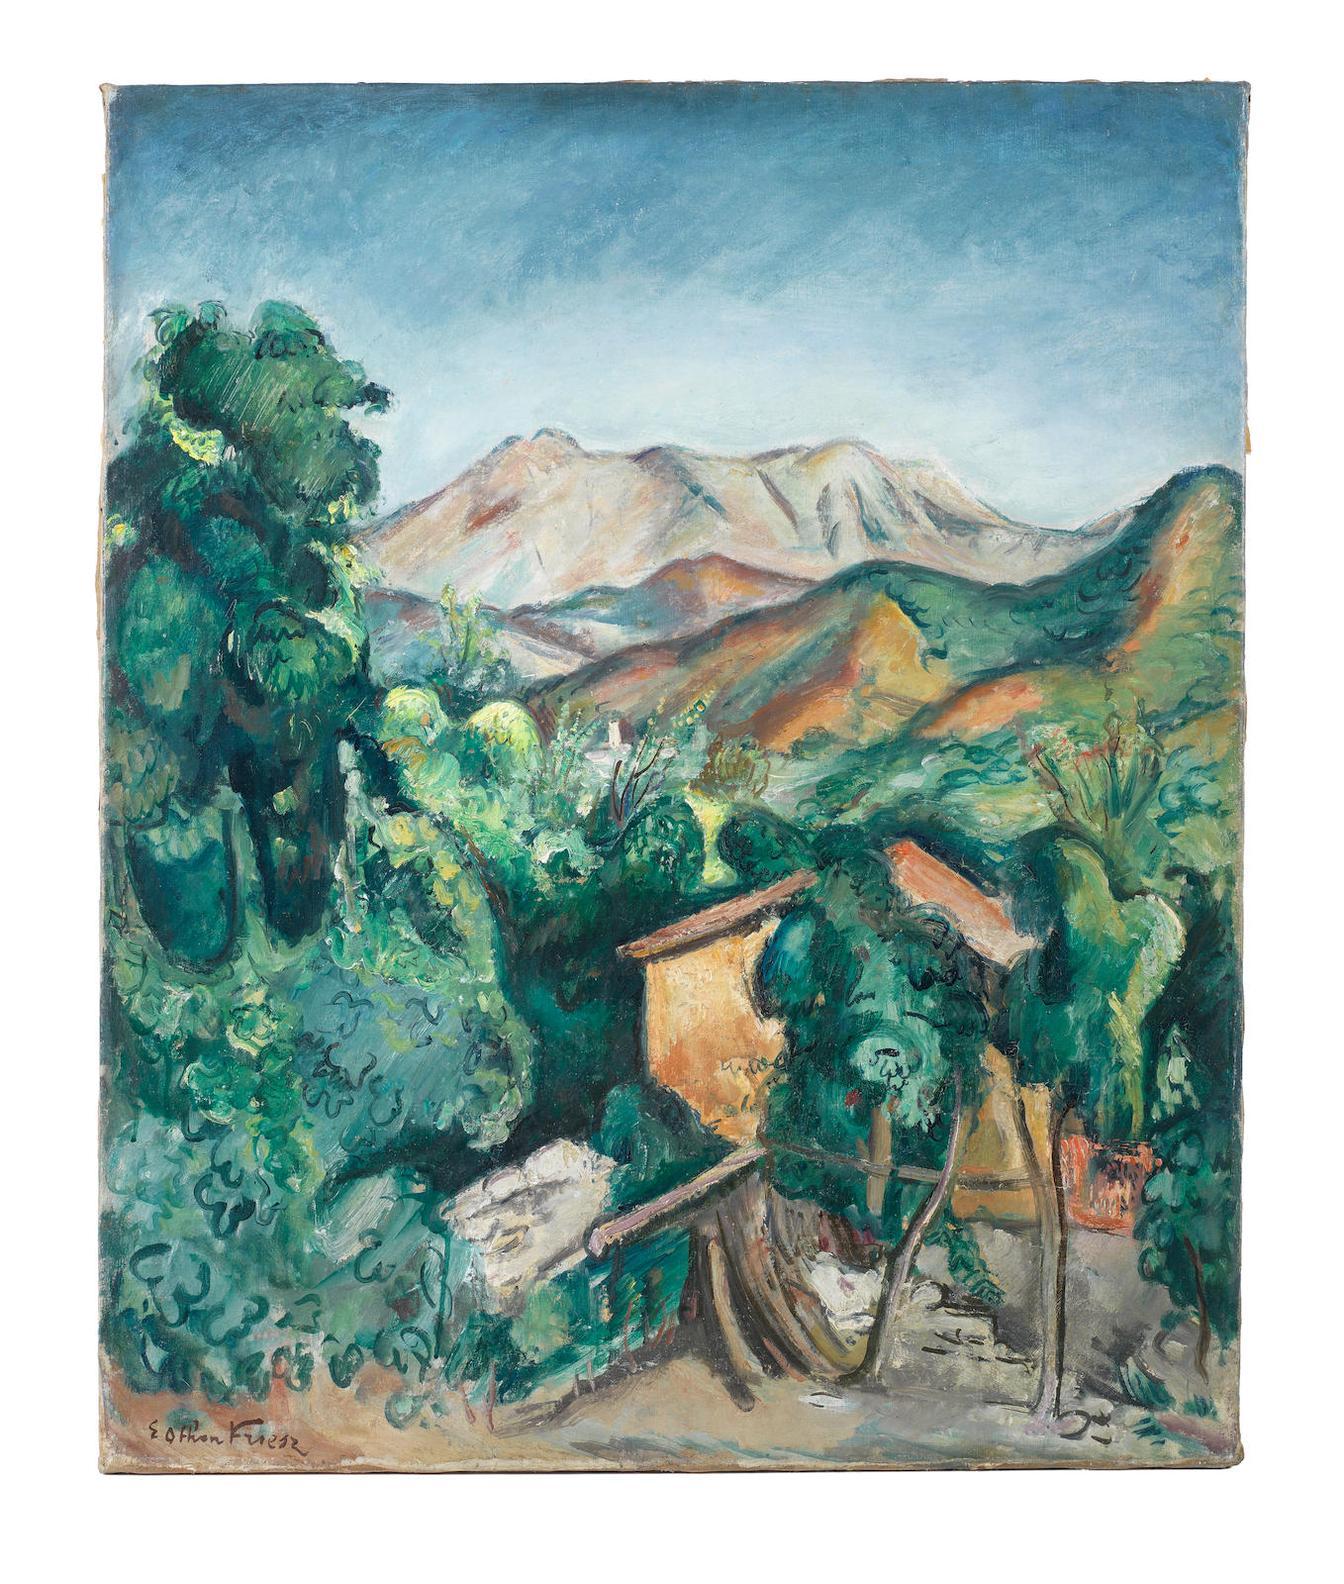 Achille Emile Othon Friesz - Paysage Les Jars-1920